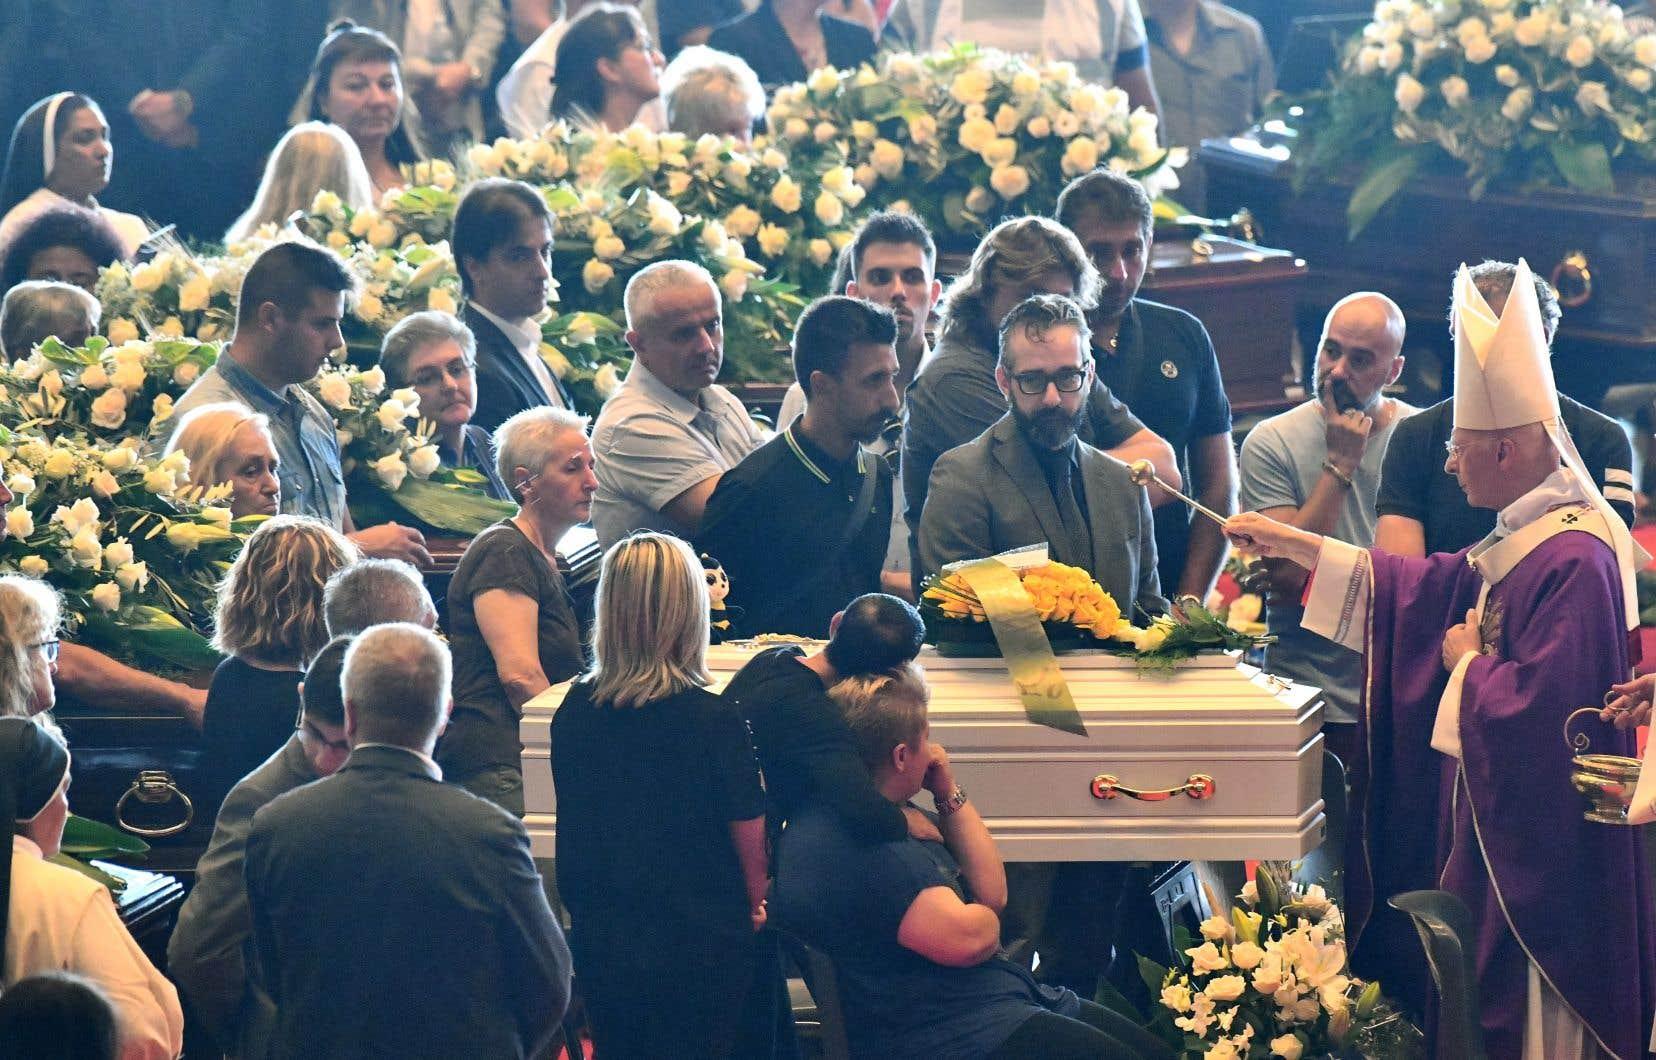 L'archevêque de Gênes, le cardinal Angelo Bagnasco, bénit les cercueils lors des funérailles nationales des victimes de l'effondrement du pont de Morandi, à Gênes, le 18 août 2018.